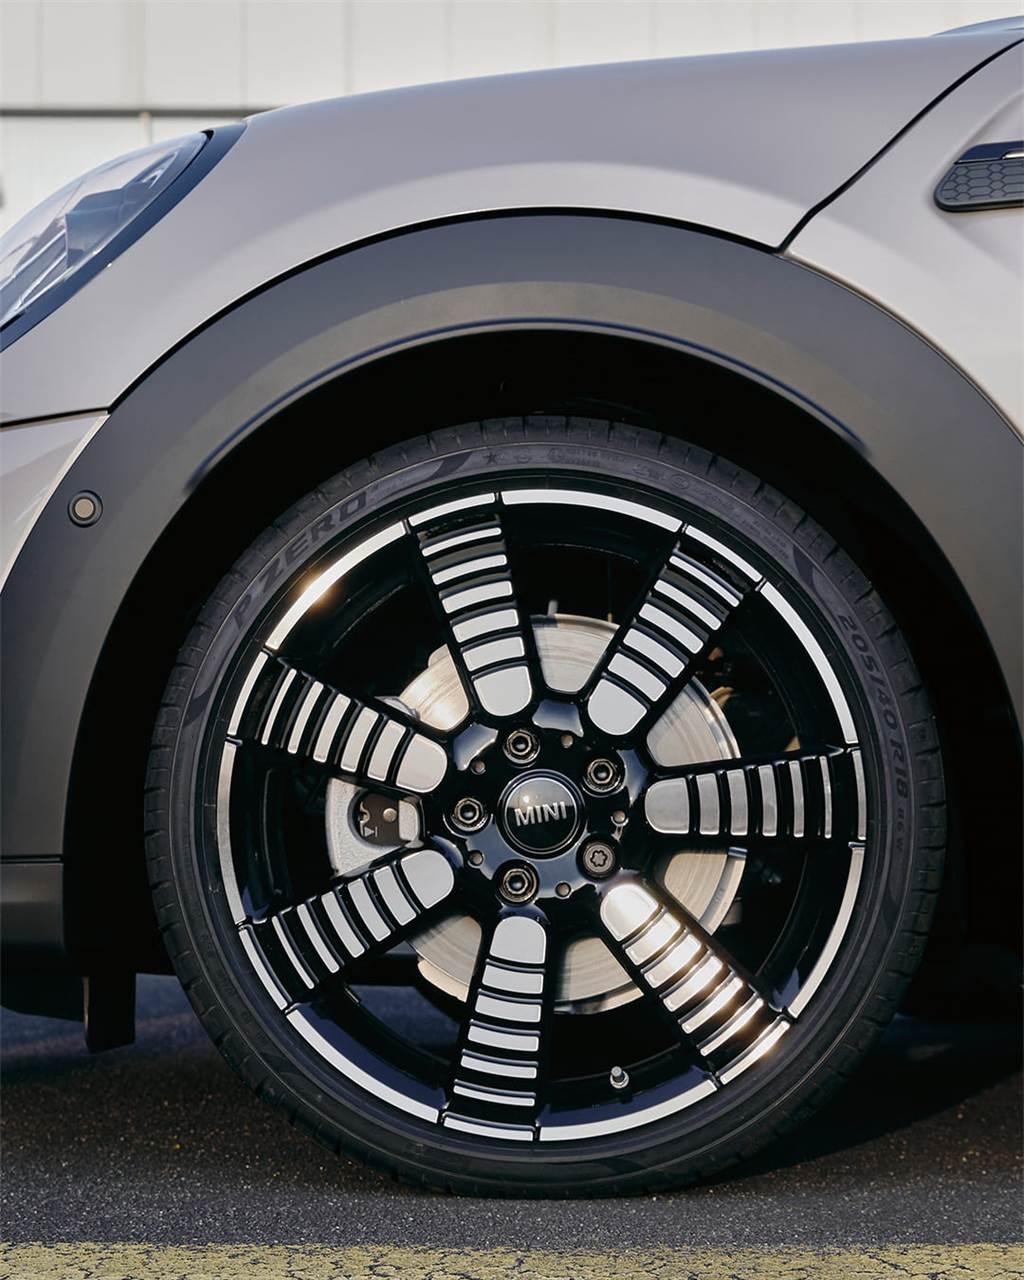 全新18吋Pulse Spoke Light輪圈採七輻式漸層設計,靜止時亦可展現出如道路飛馳般的速度感。(圖/業者提供)